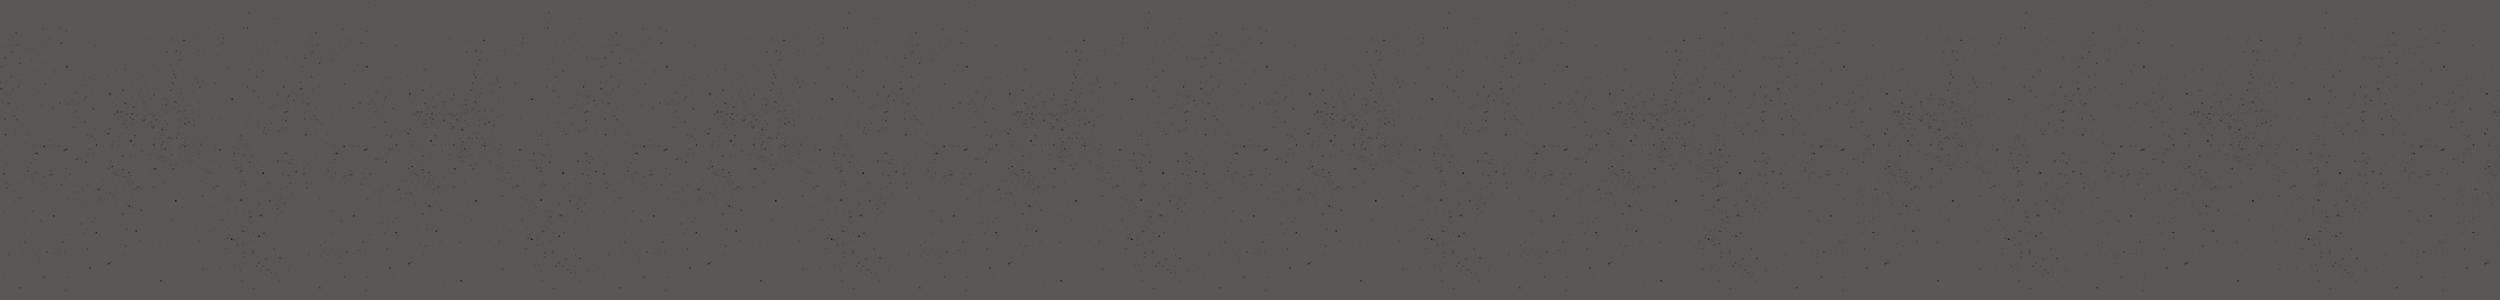 divider03.jpg